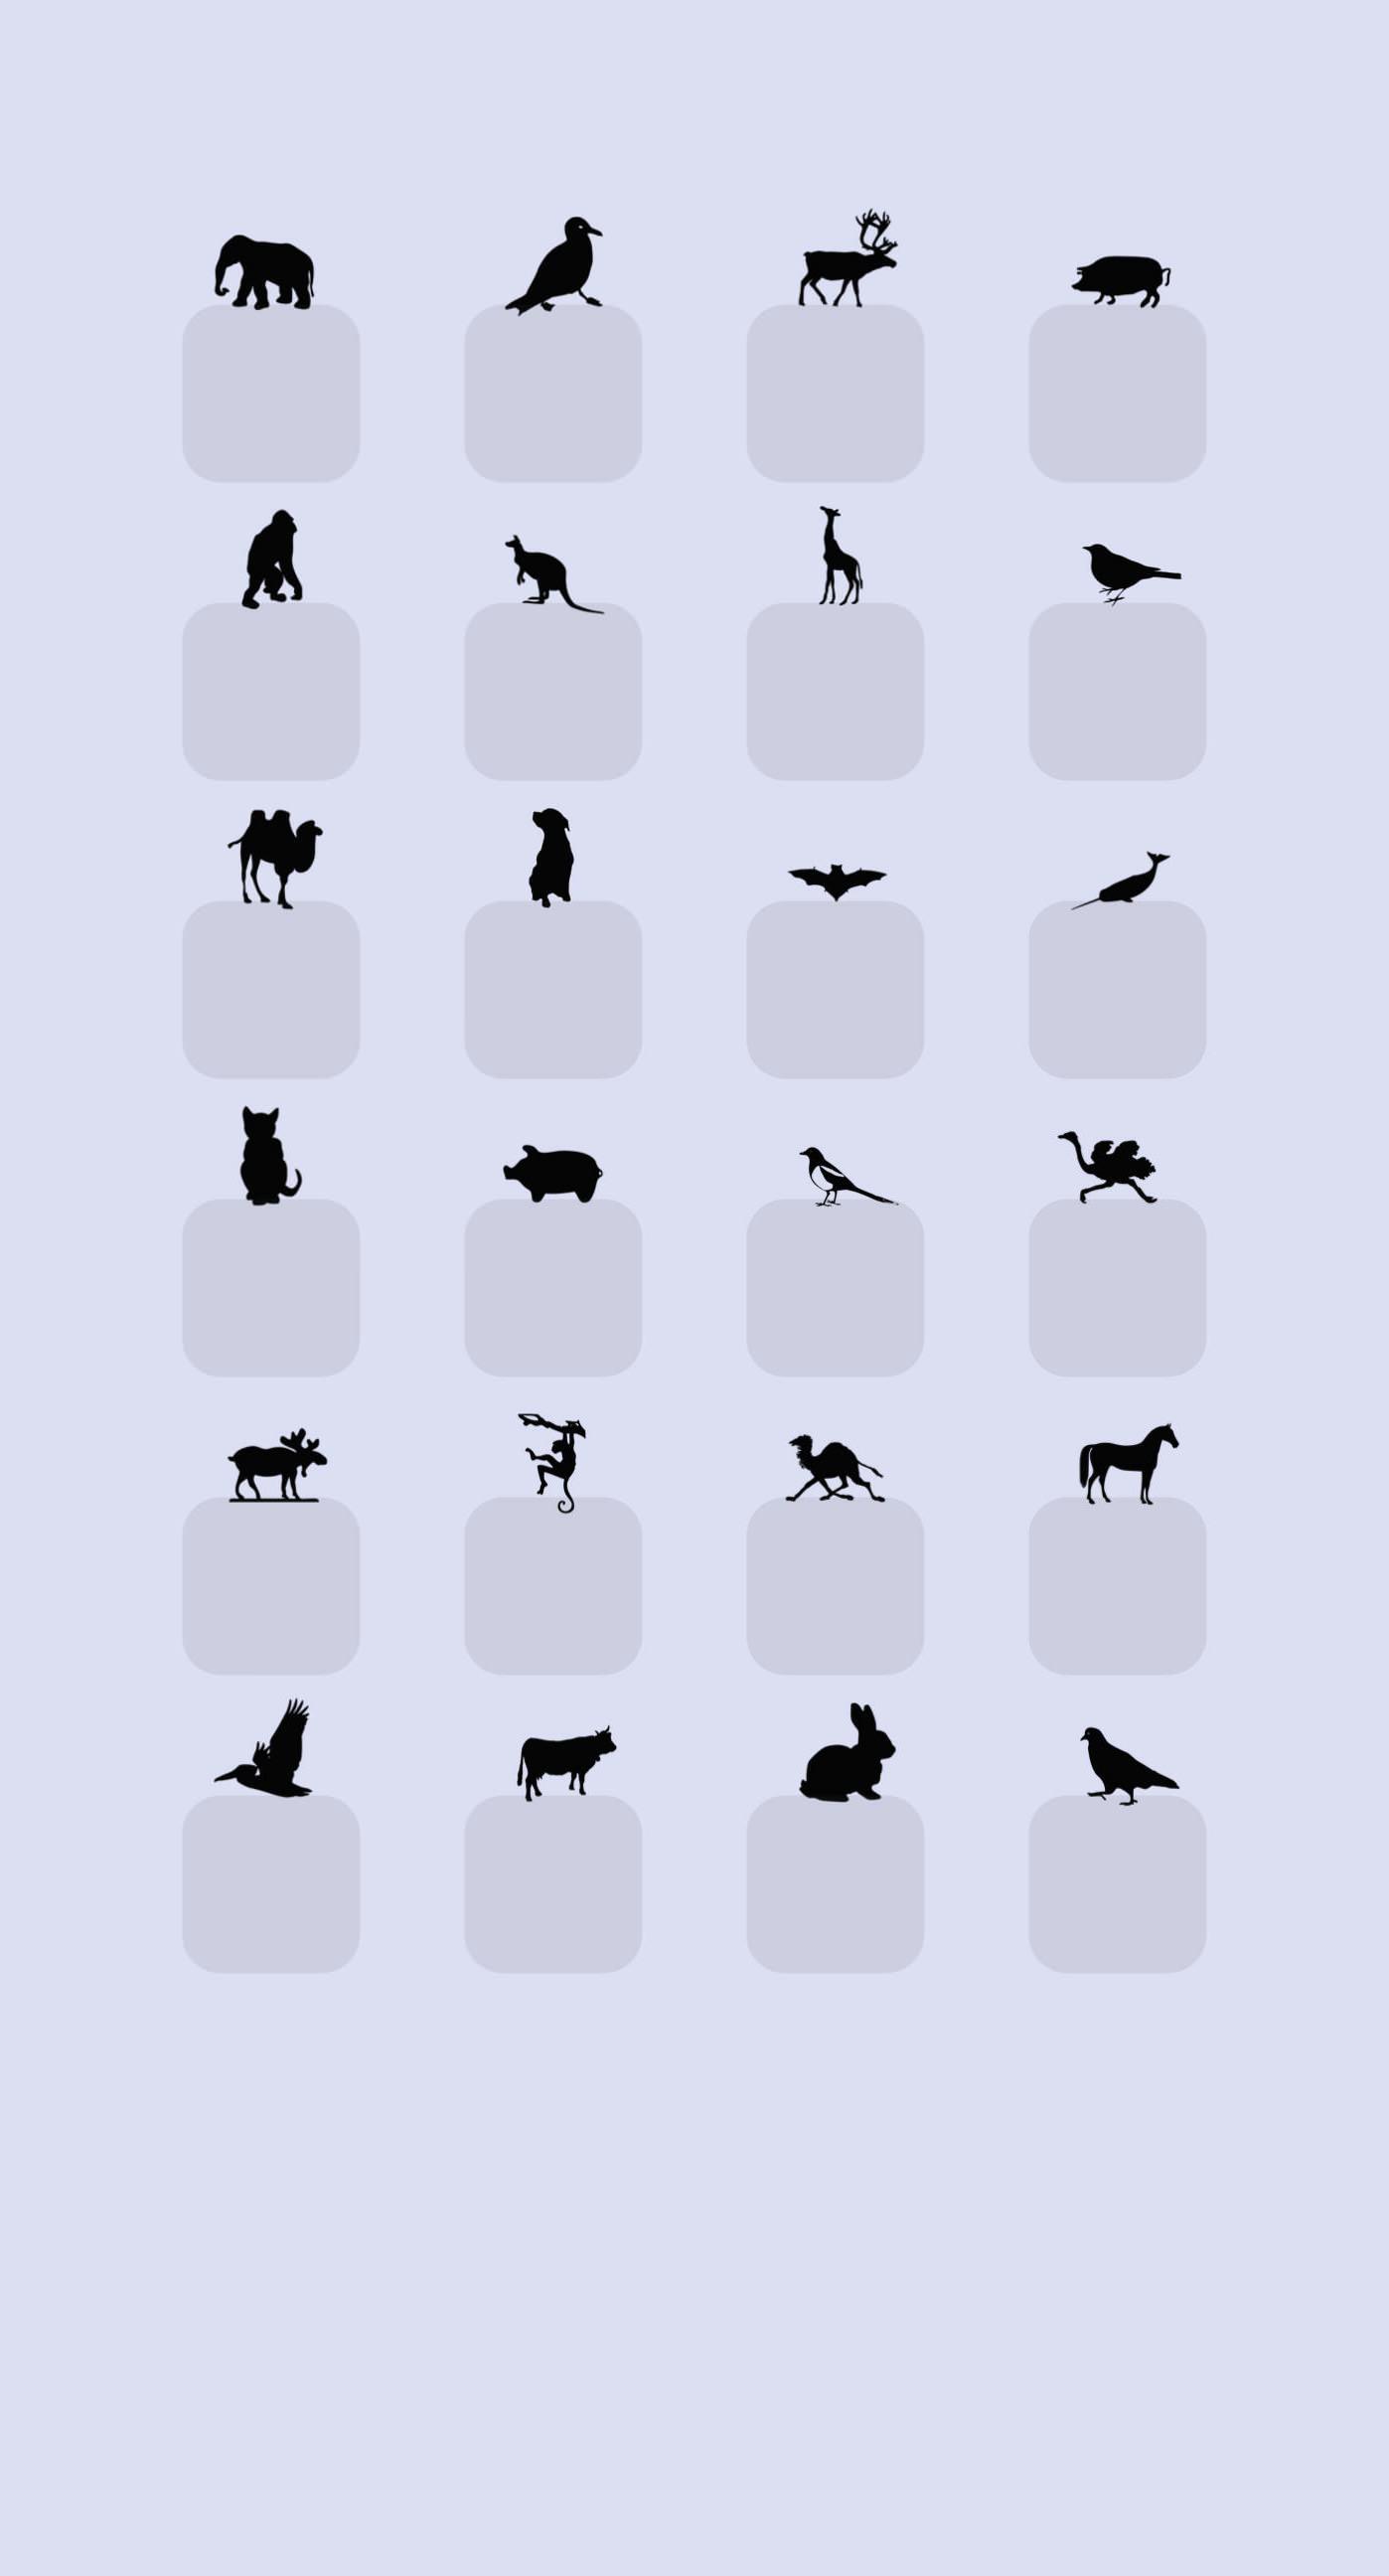 棚動物青可愛い女子向け Iphone 壁紙 高画質なiphone壁紙